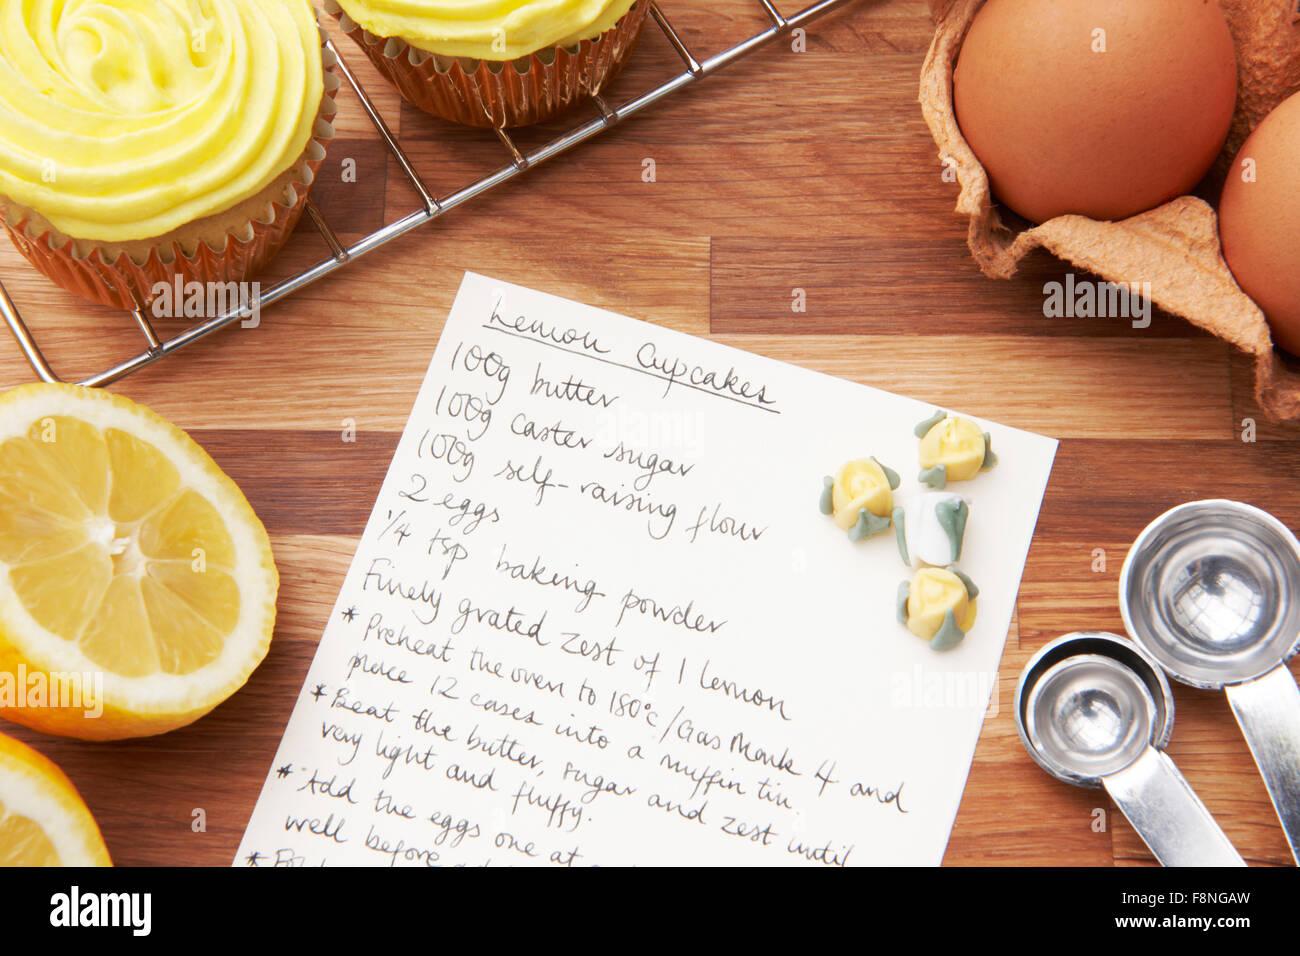 Recette de Cupcakes au citron avec des ingrédients Photo Stock